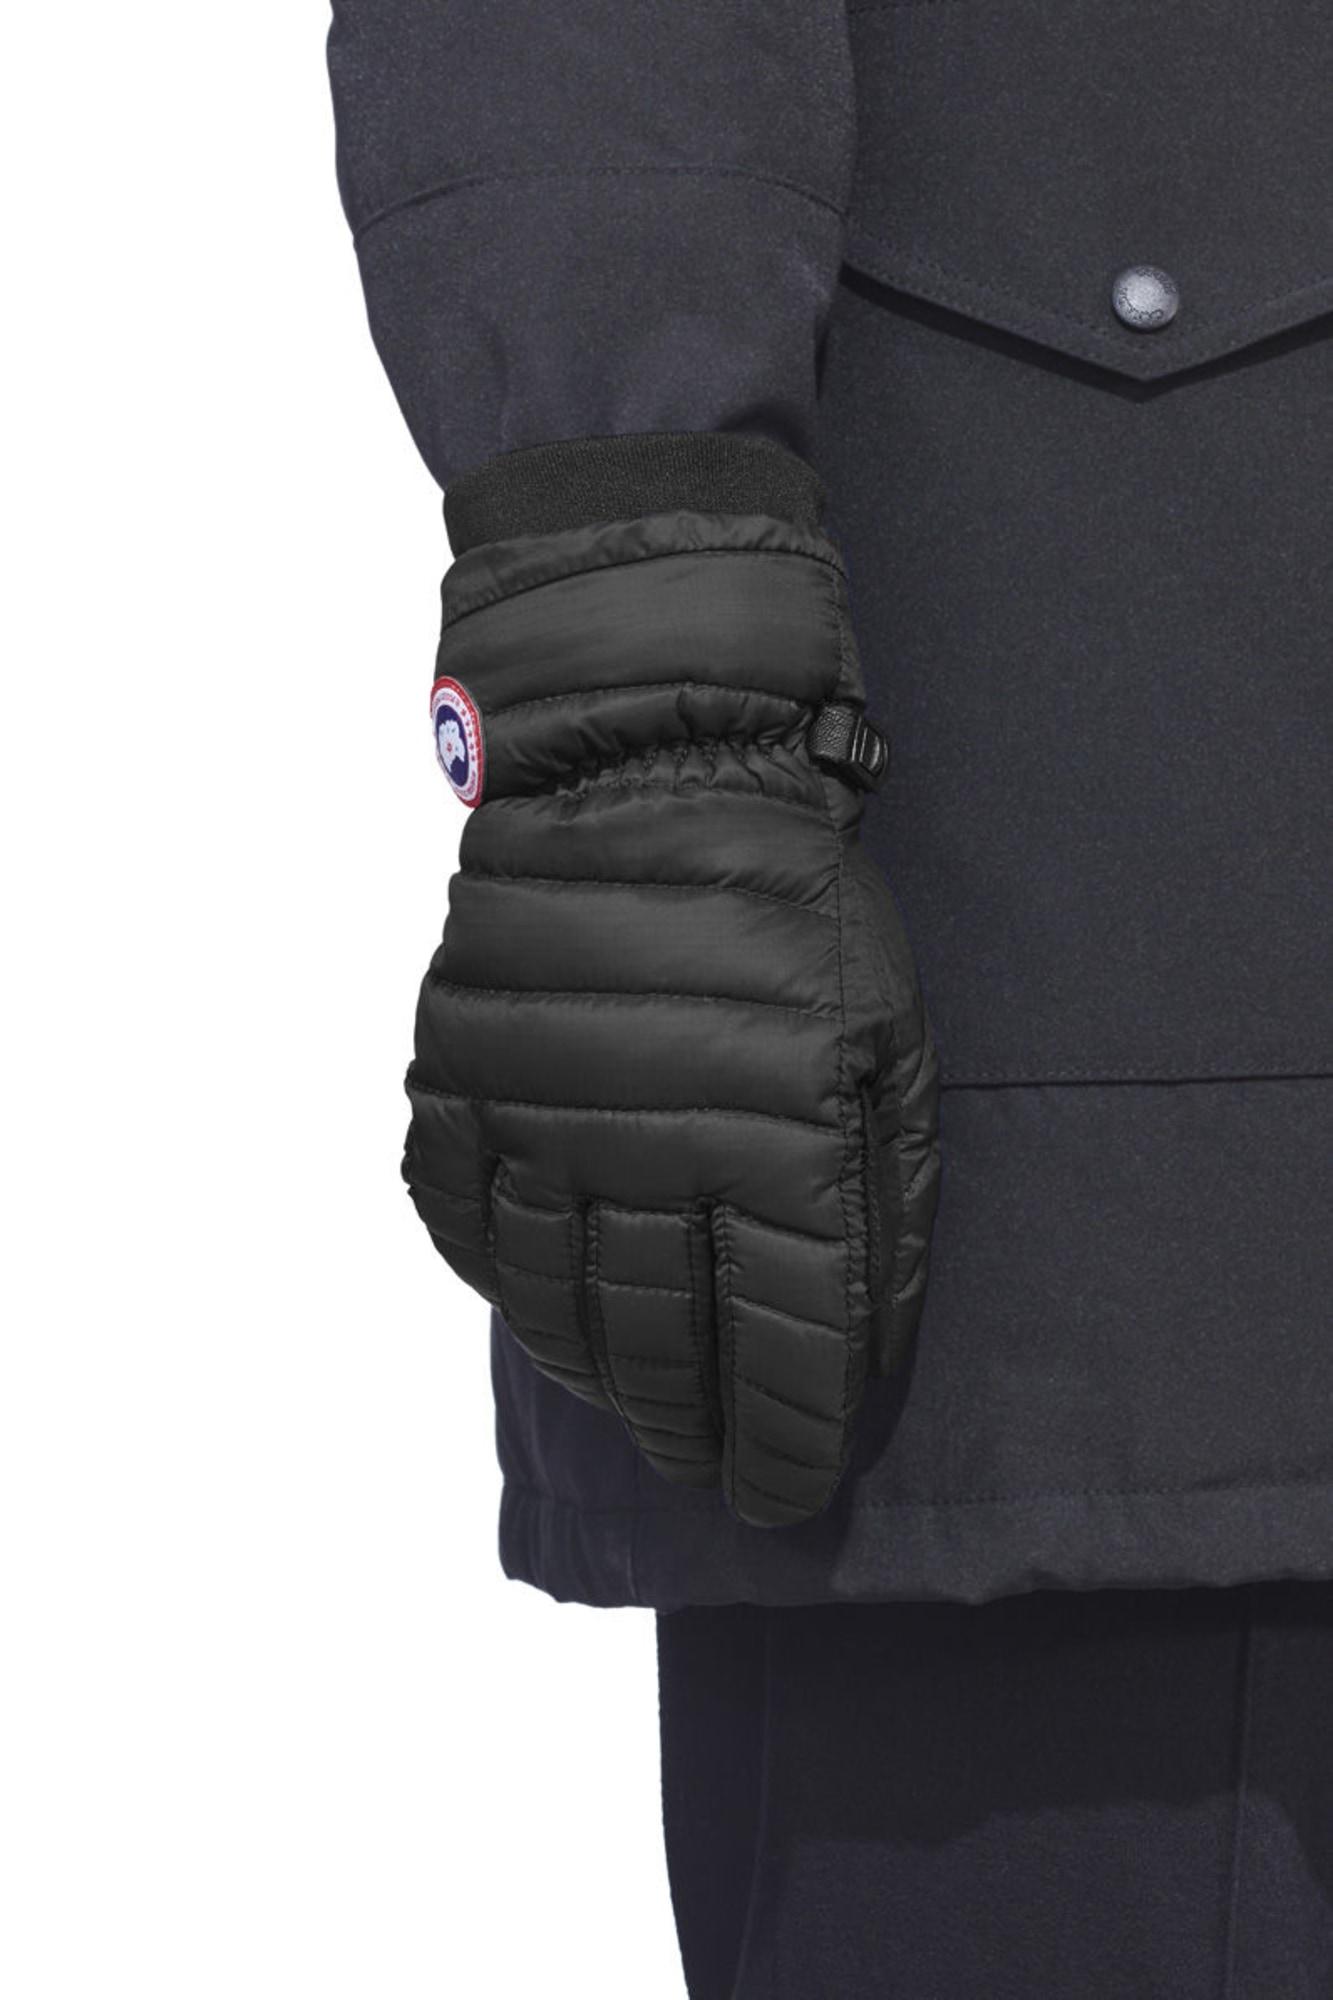 0bdf42c19 Women's Lightweight Gloves | Canada Goose®